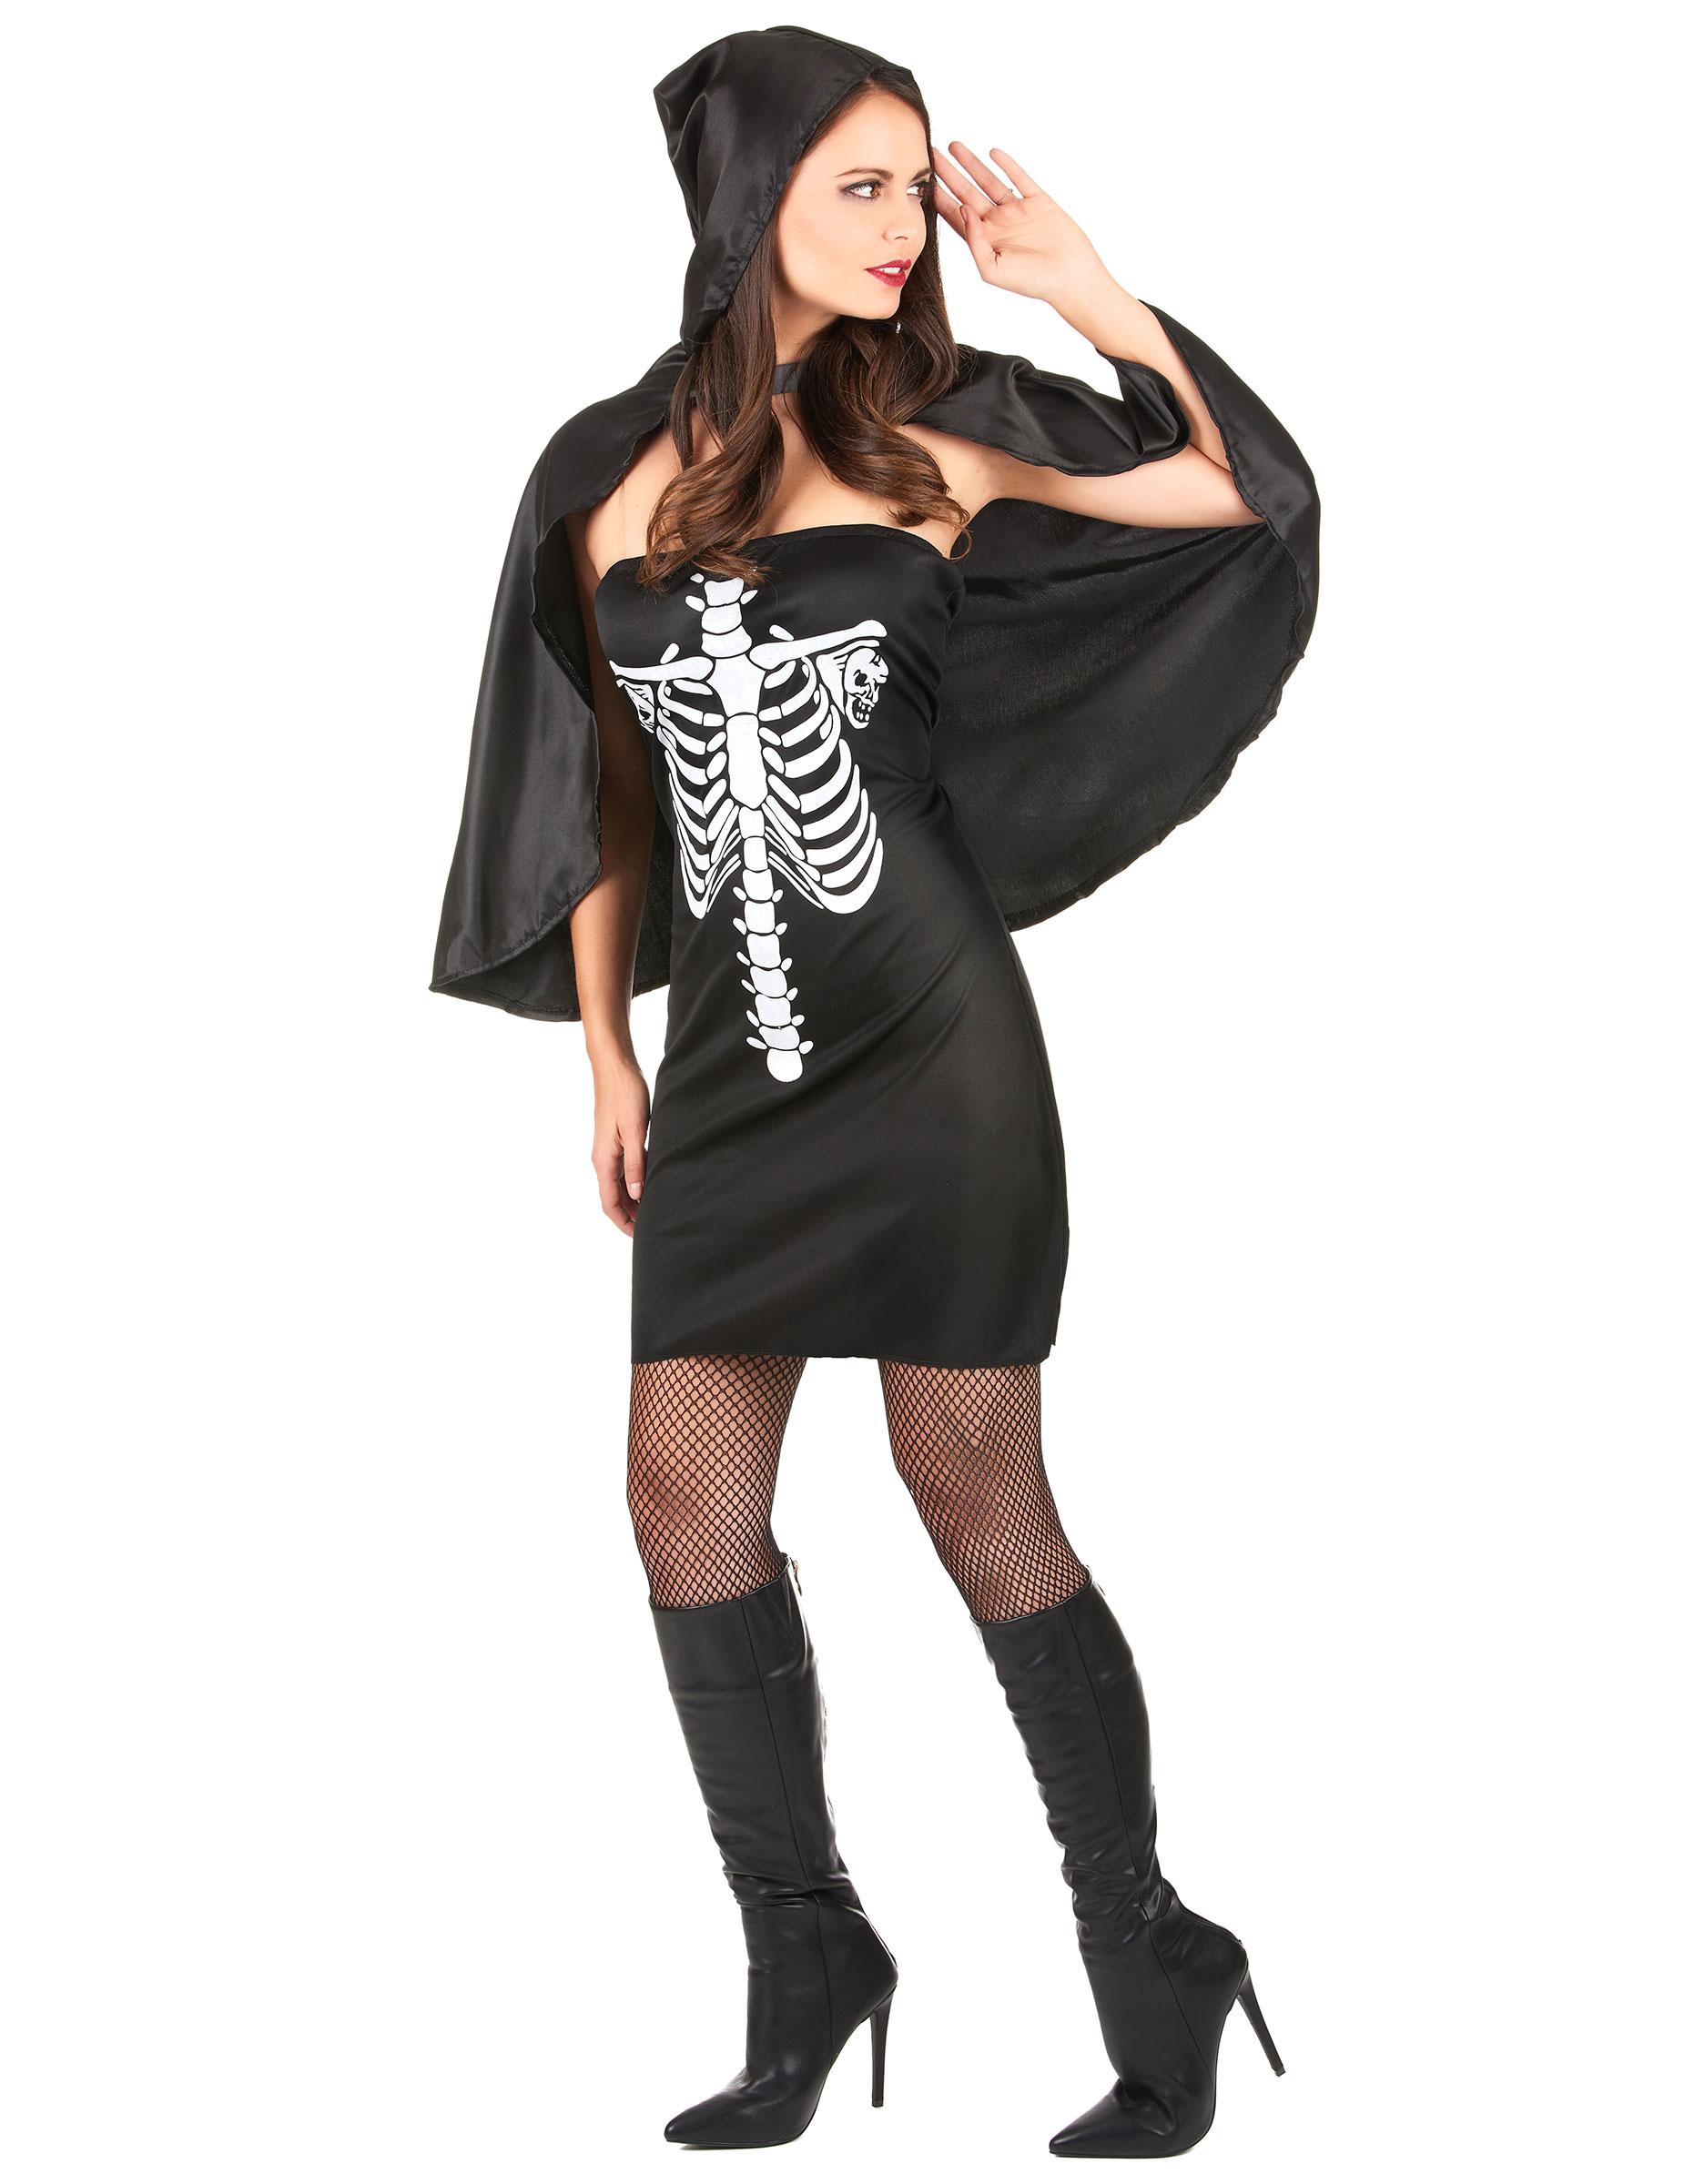 Costume scheletro cappuccio nero donna Halloween-1 b56f18152669